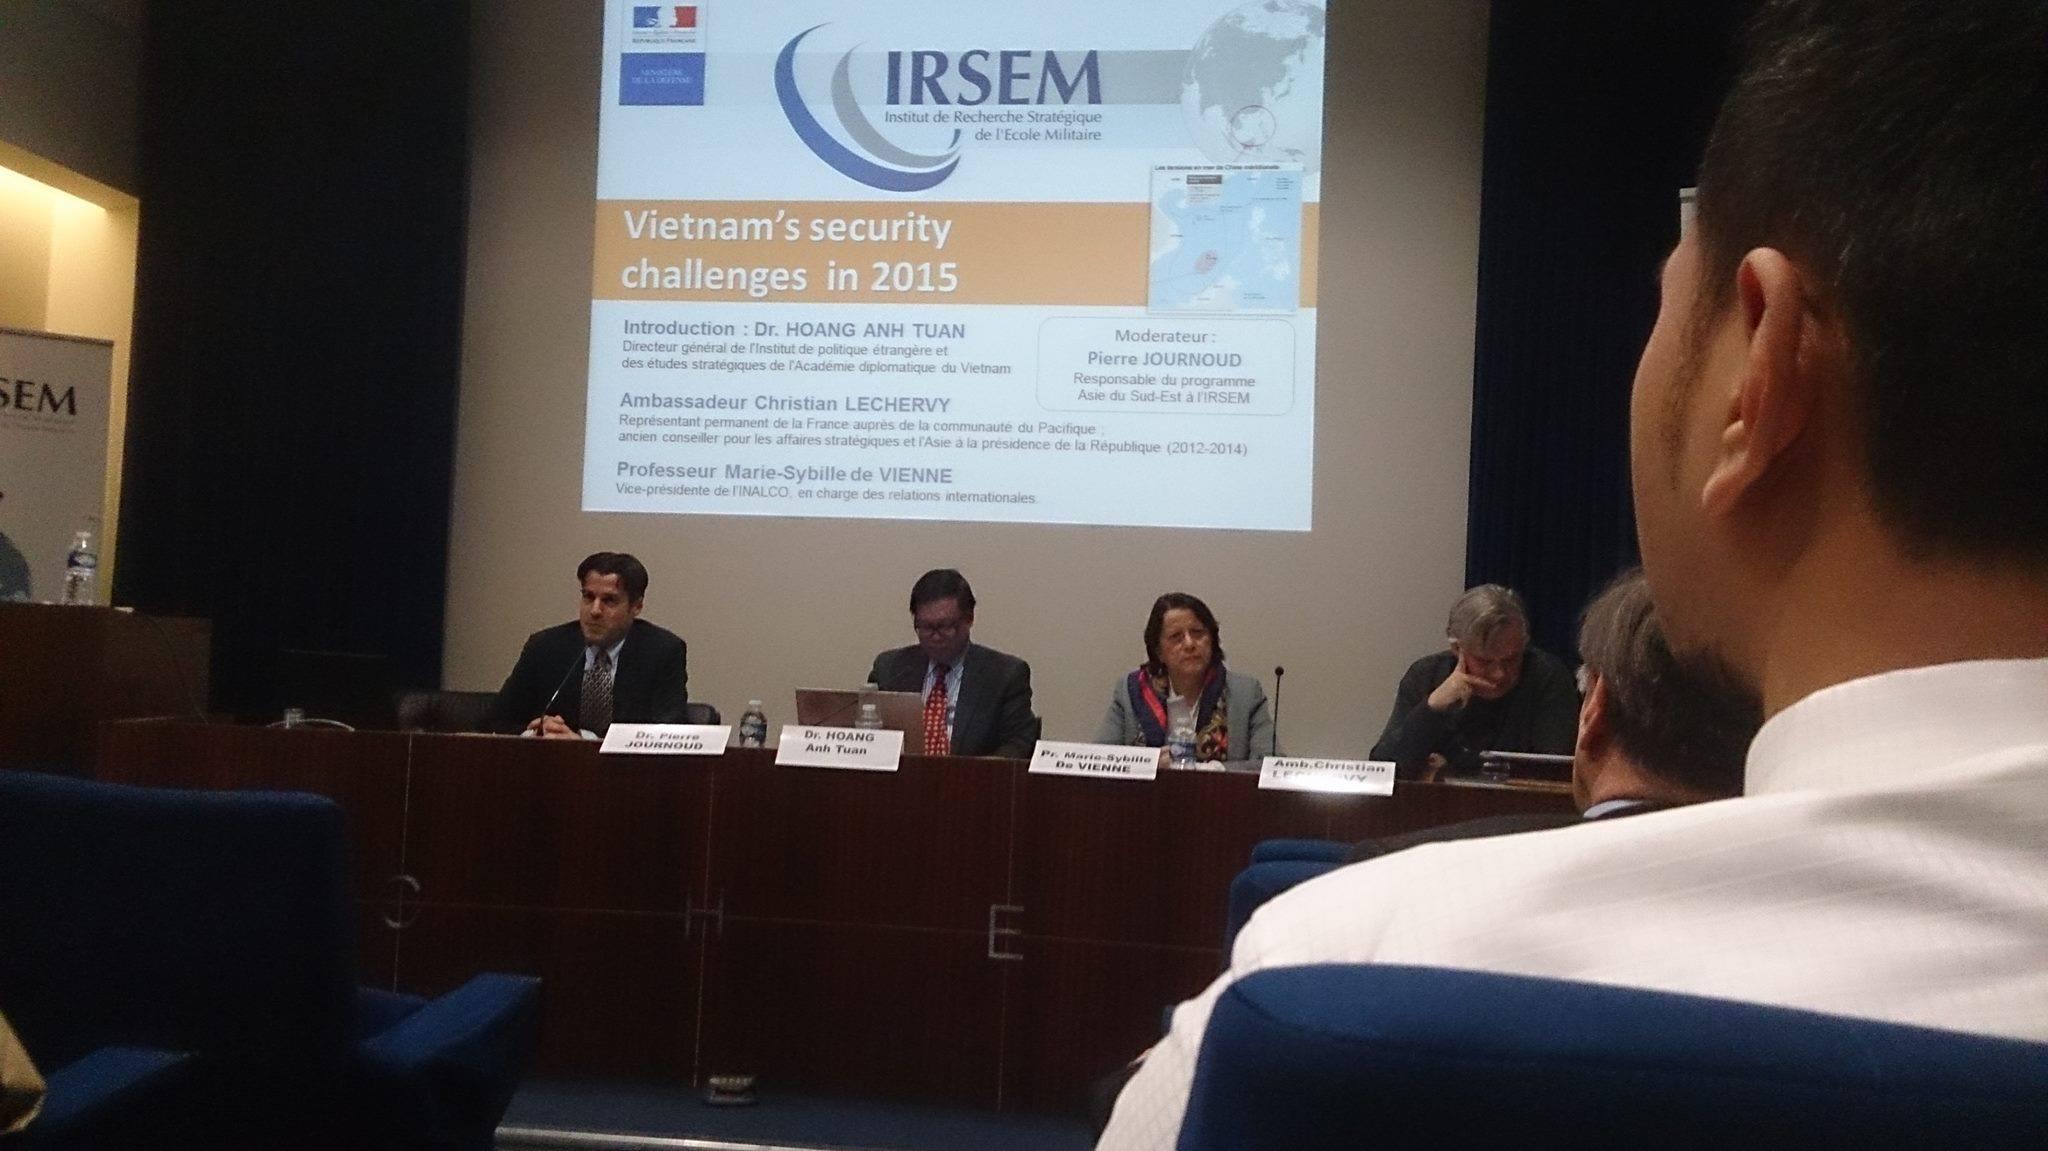 Les enjeux de sécurité du Vietnam en 2015 –  Table ronde de l'IRSEM